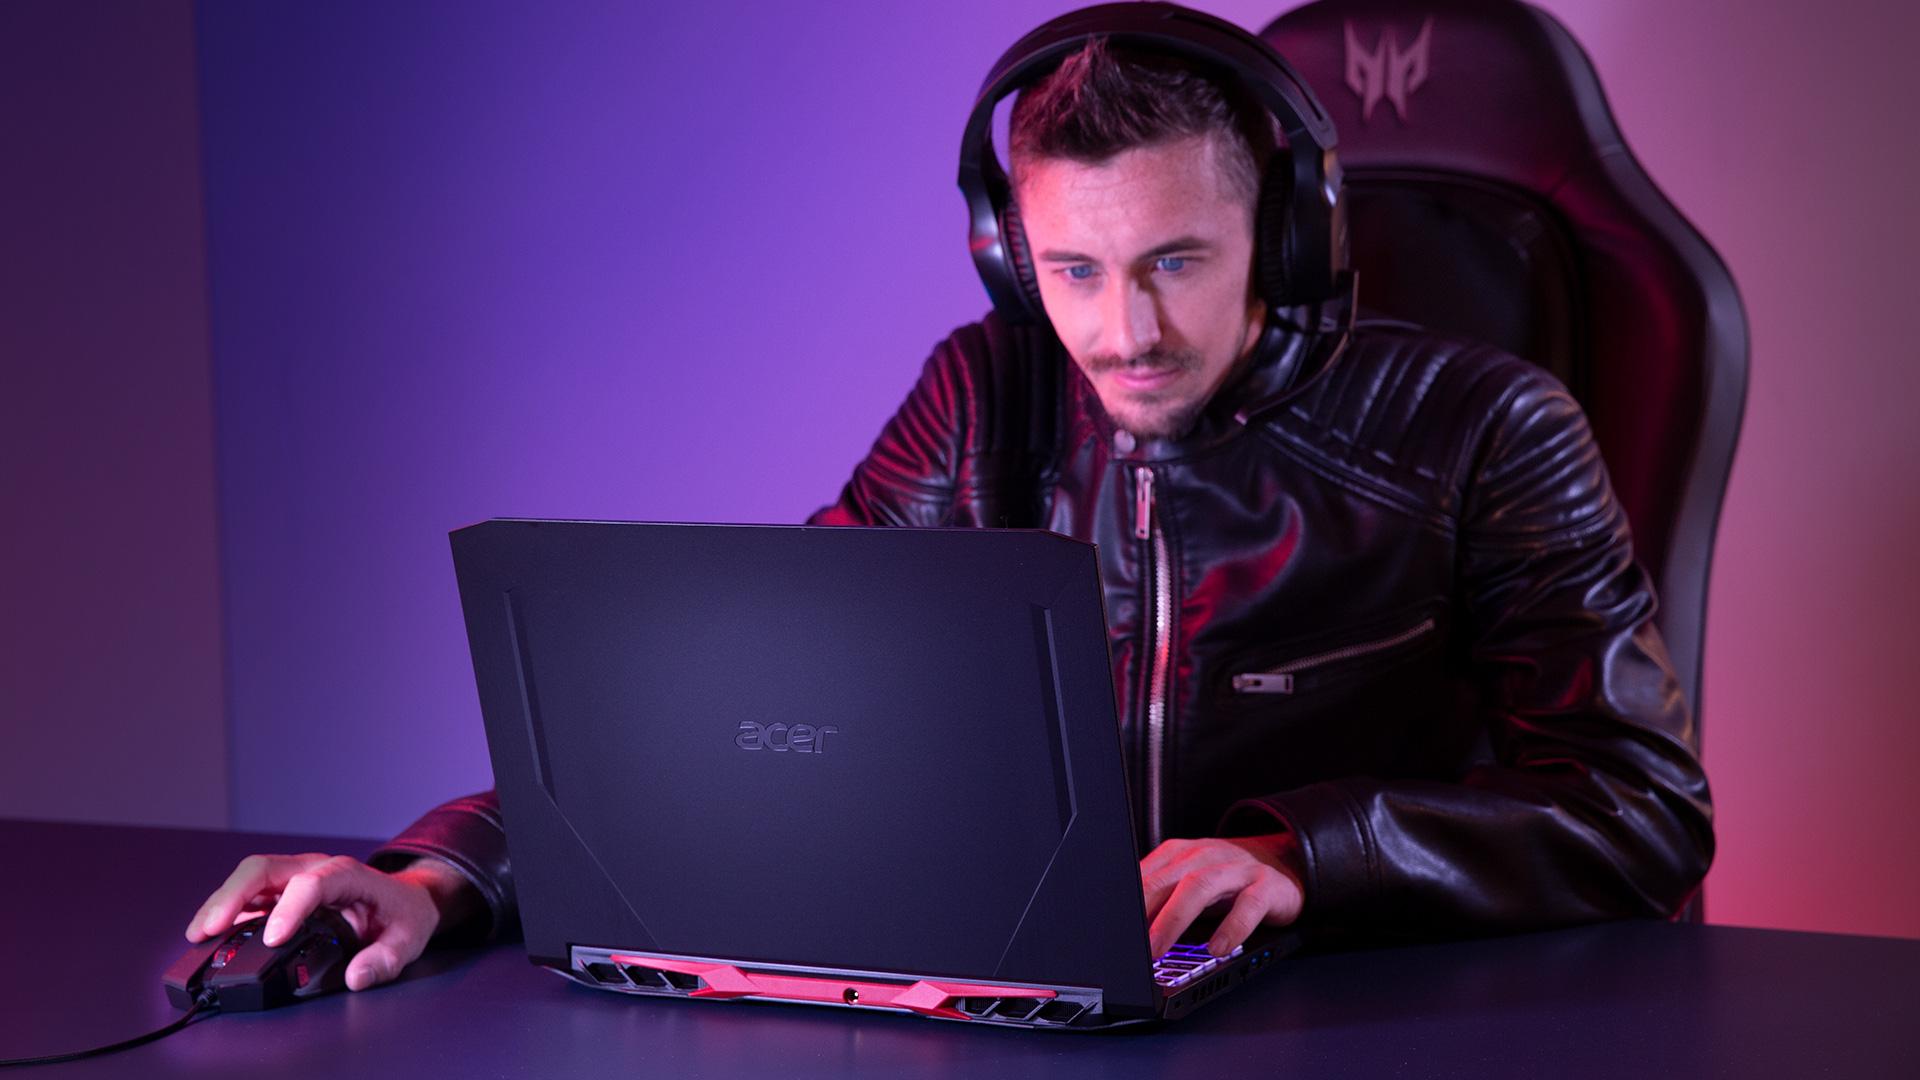 Bộ đôi laptop gaming hàng đầu cho game thủ đến từ Acer - Ảnh 3.